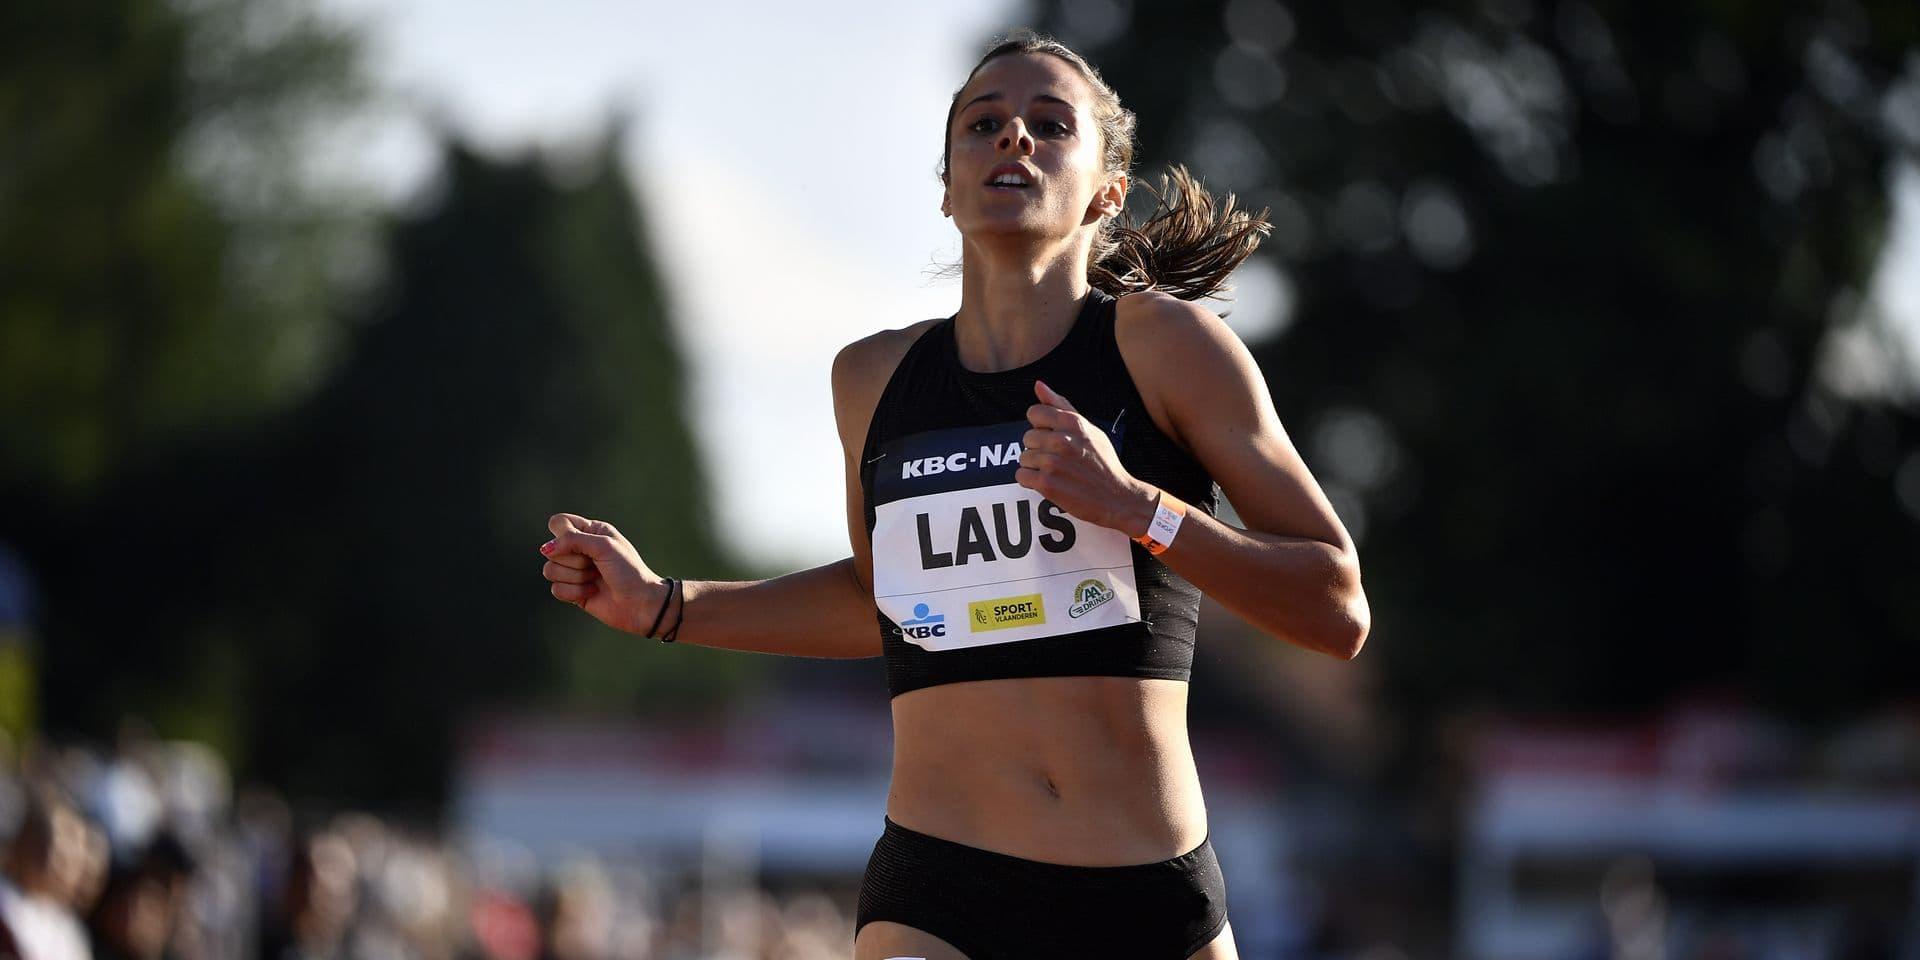 Nuit de l'athlétisme : Camille Laus reprend la compétition avec un record personnel sur 200m à Heusden